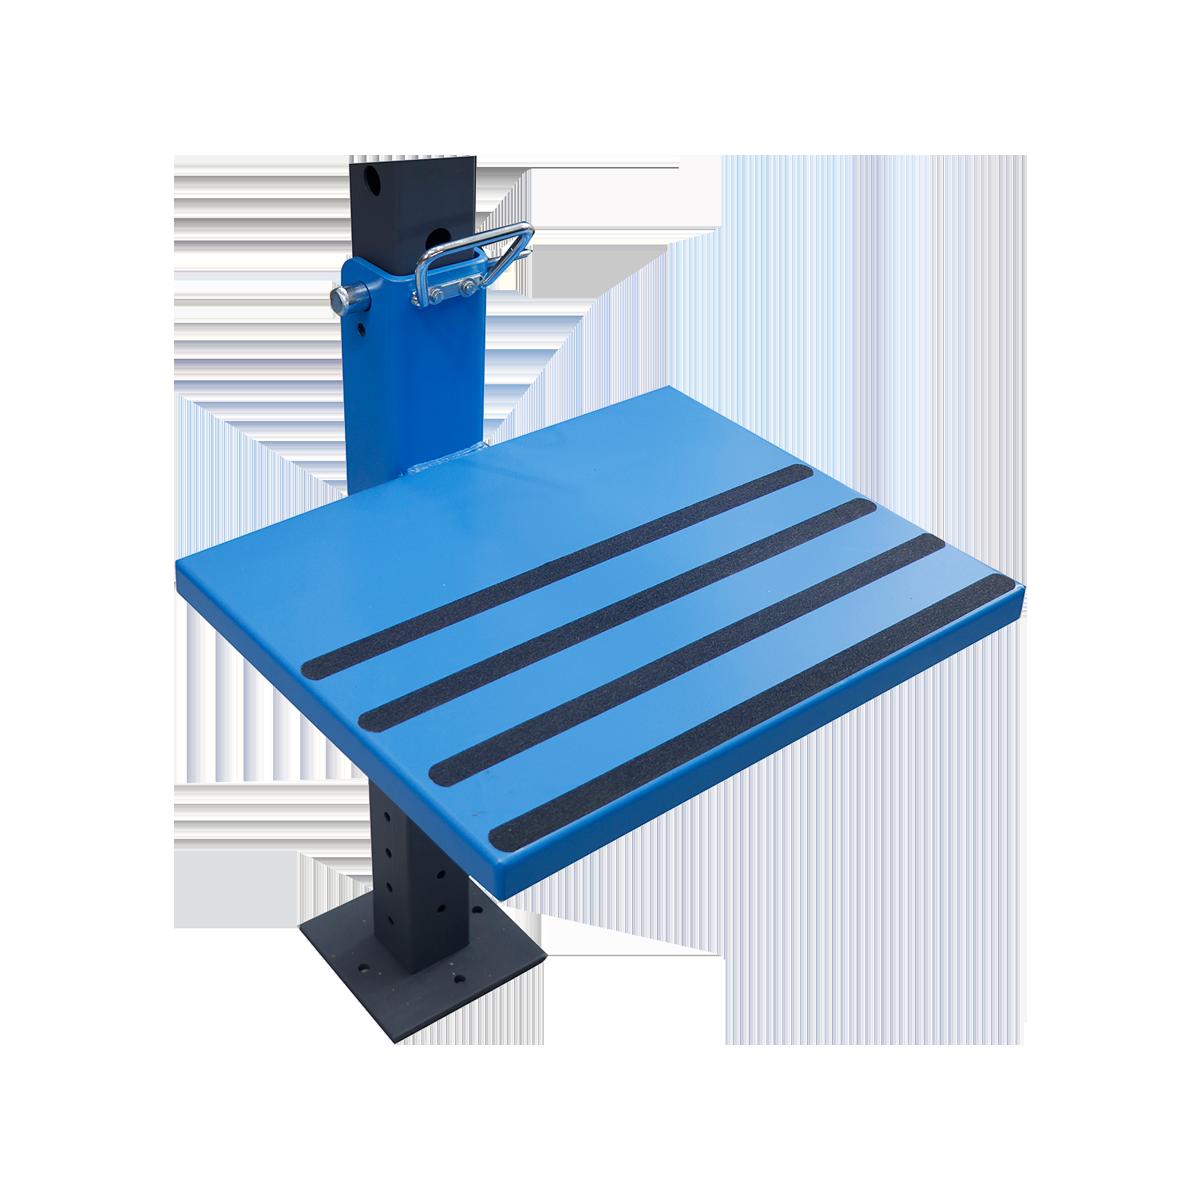 Πλατφόρμα Εκγύμνασης με κλειδί (Αντικαθιστά Box) 440x540mm